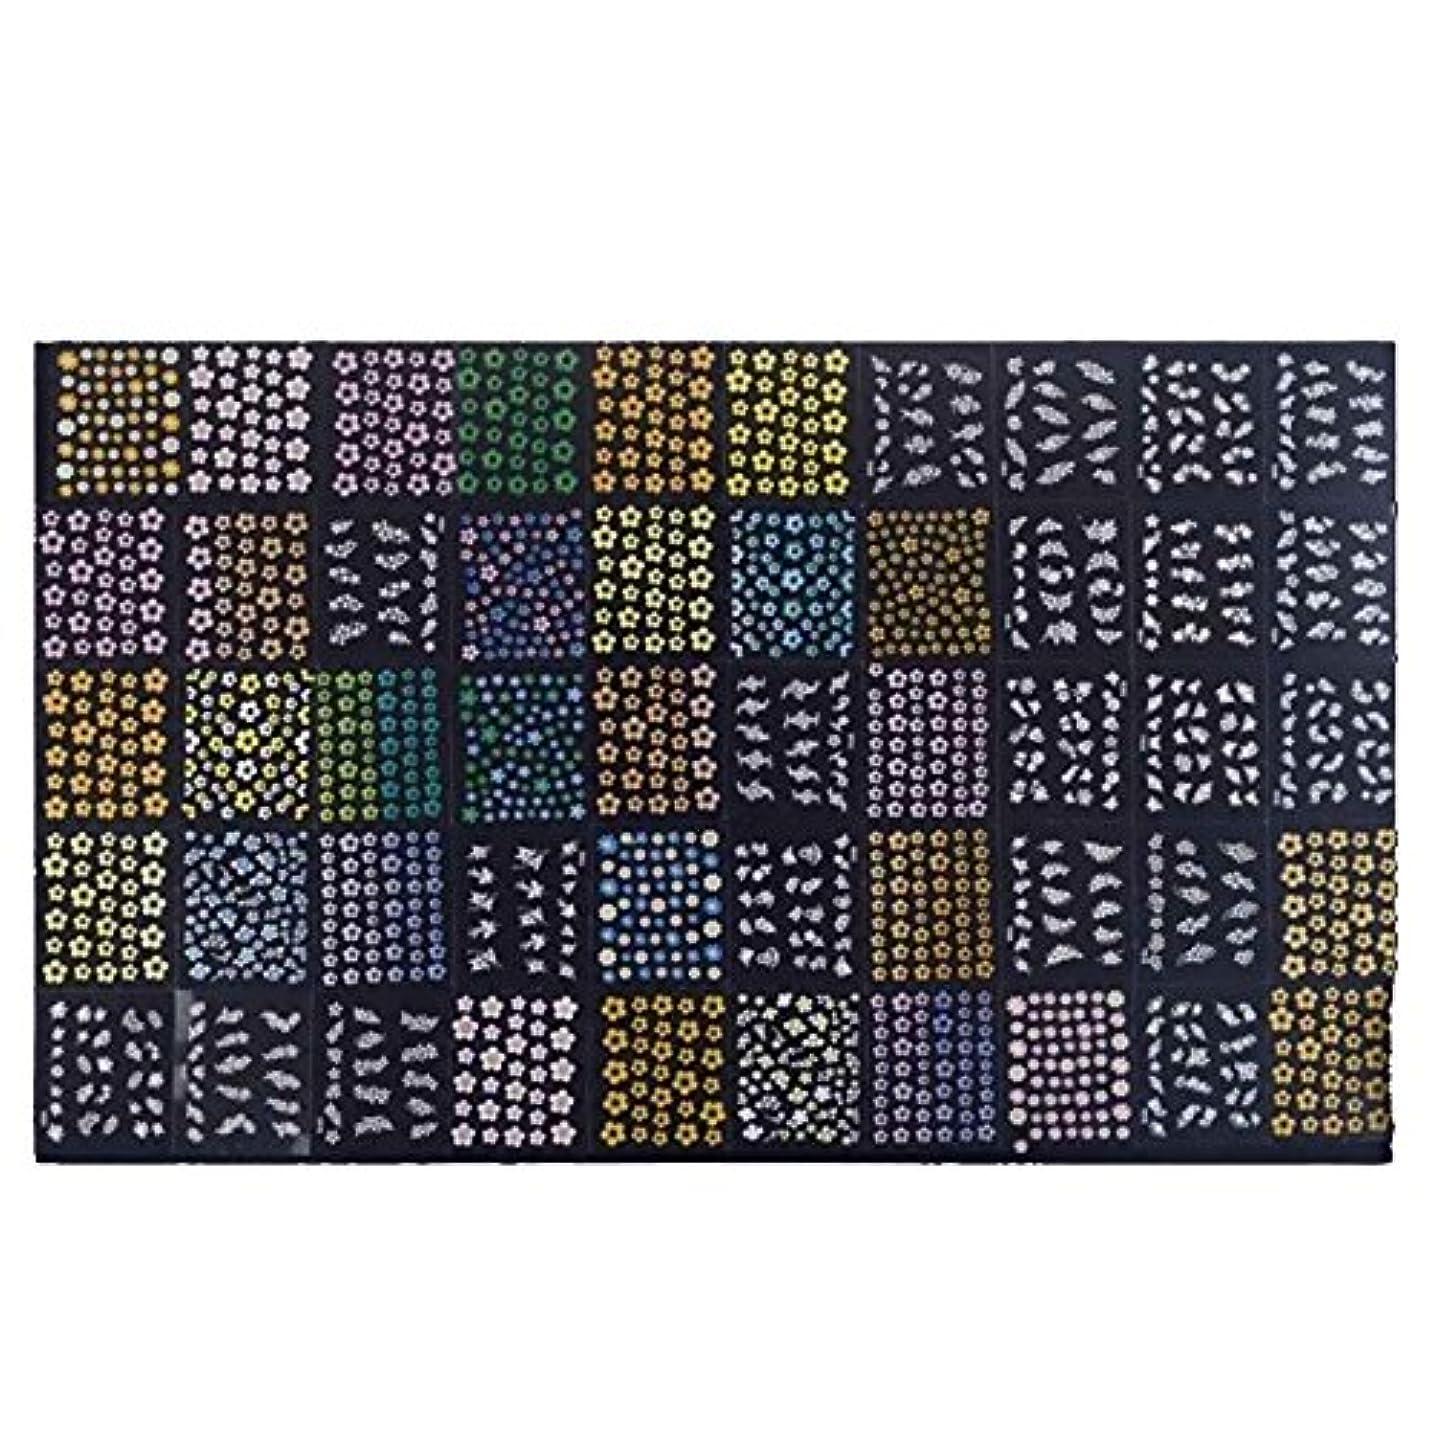 ヘビ後ろに永遠のSODIAL 50枚3Dミックスカラー フラワーデザイン ネイルアートステッカーデカール 美しいファッションマニキュアアクセサリー デコレーション化粧品